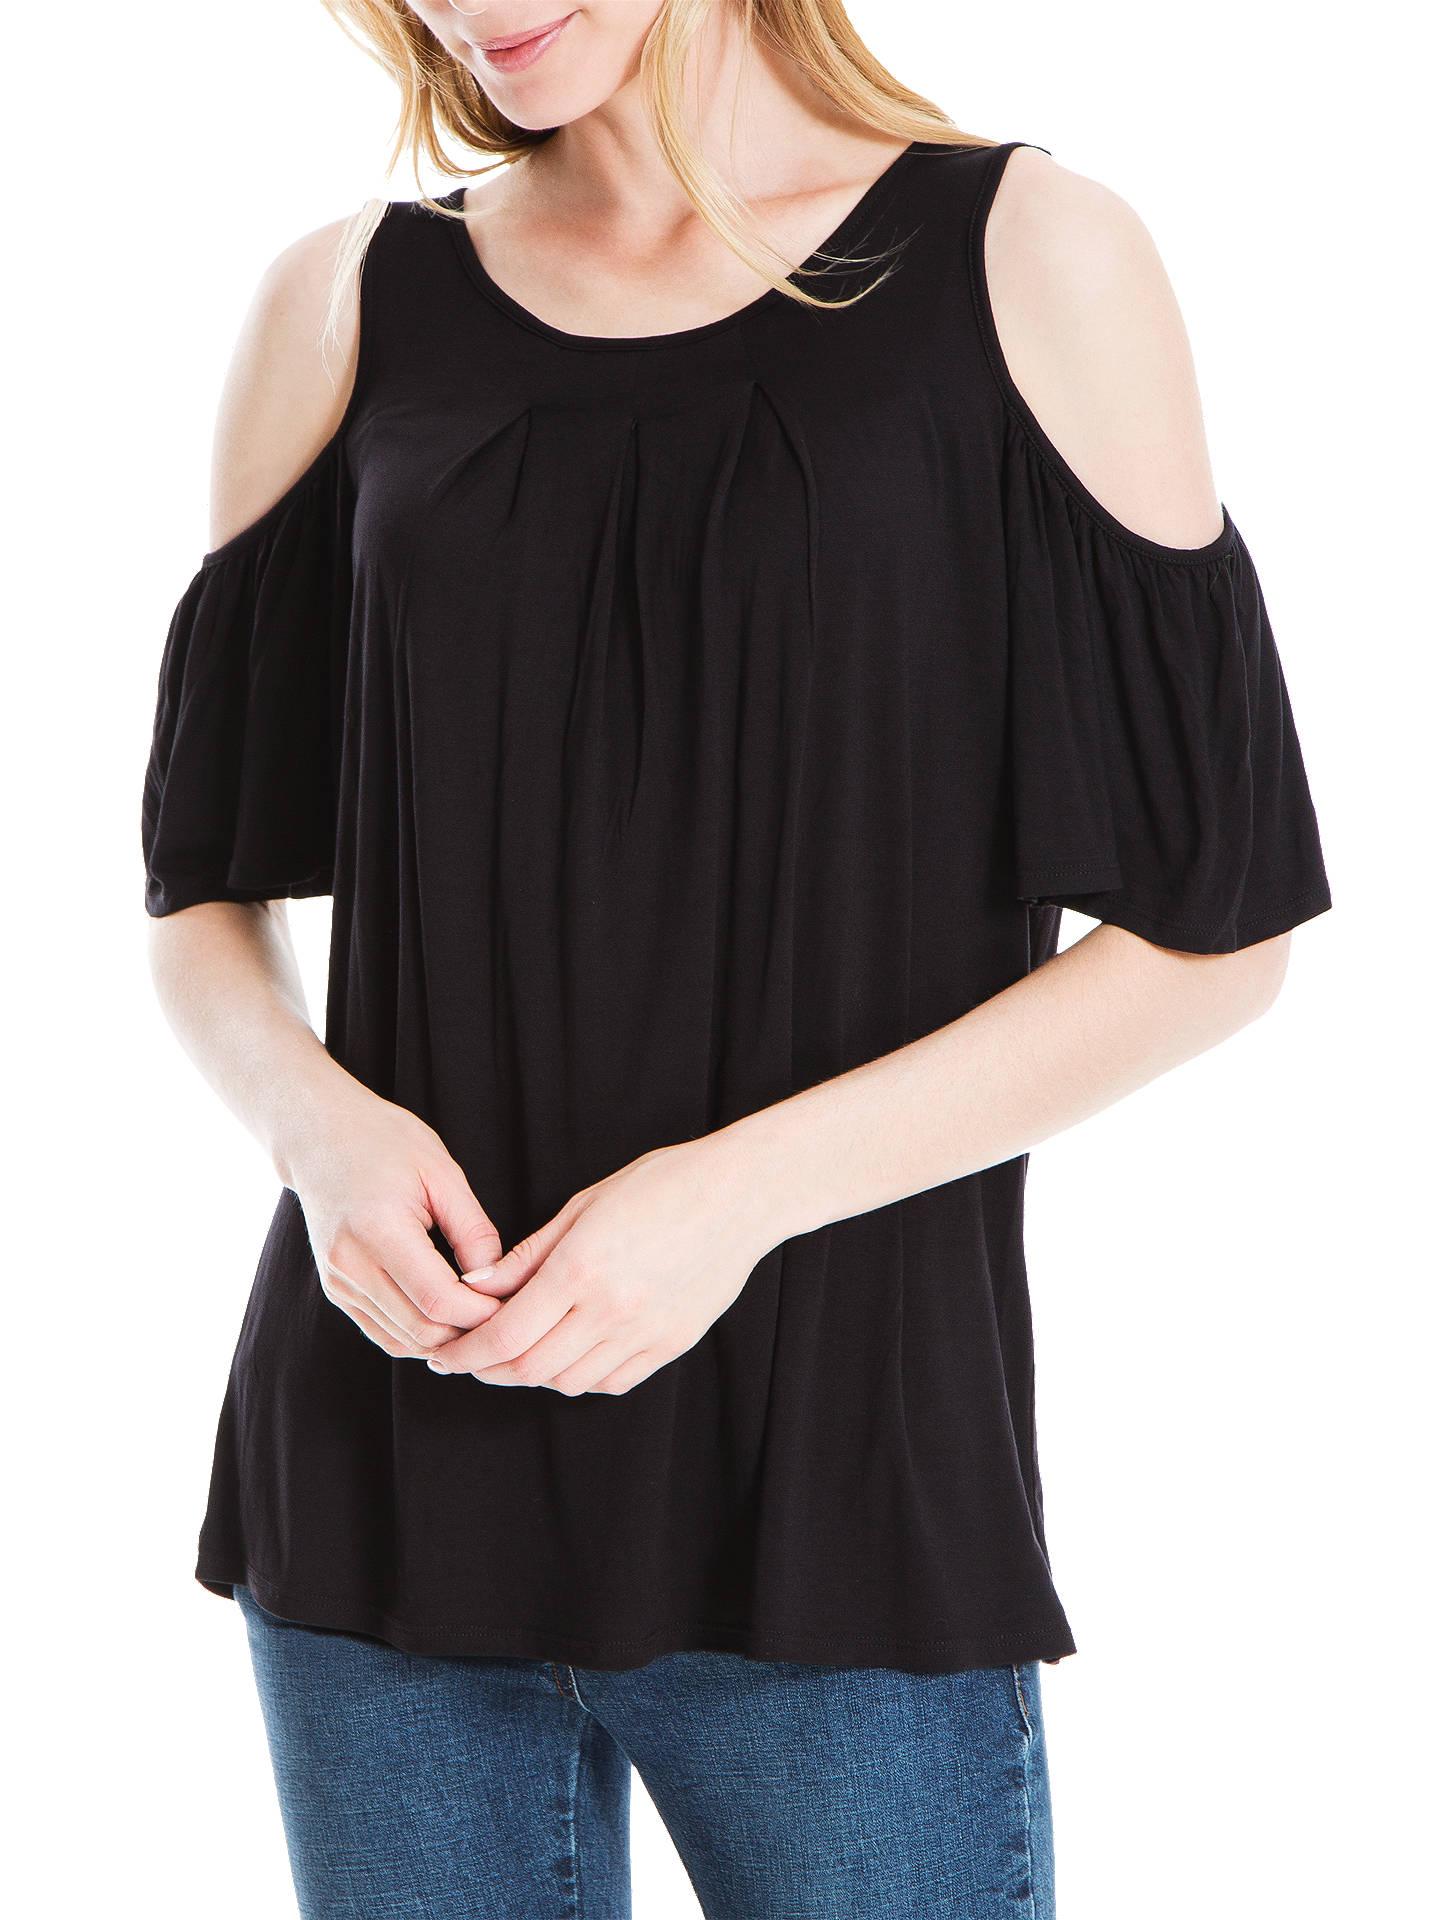 03897a5a00d51 Buy Max Studio Cold Shoulder Jersey Top